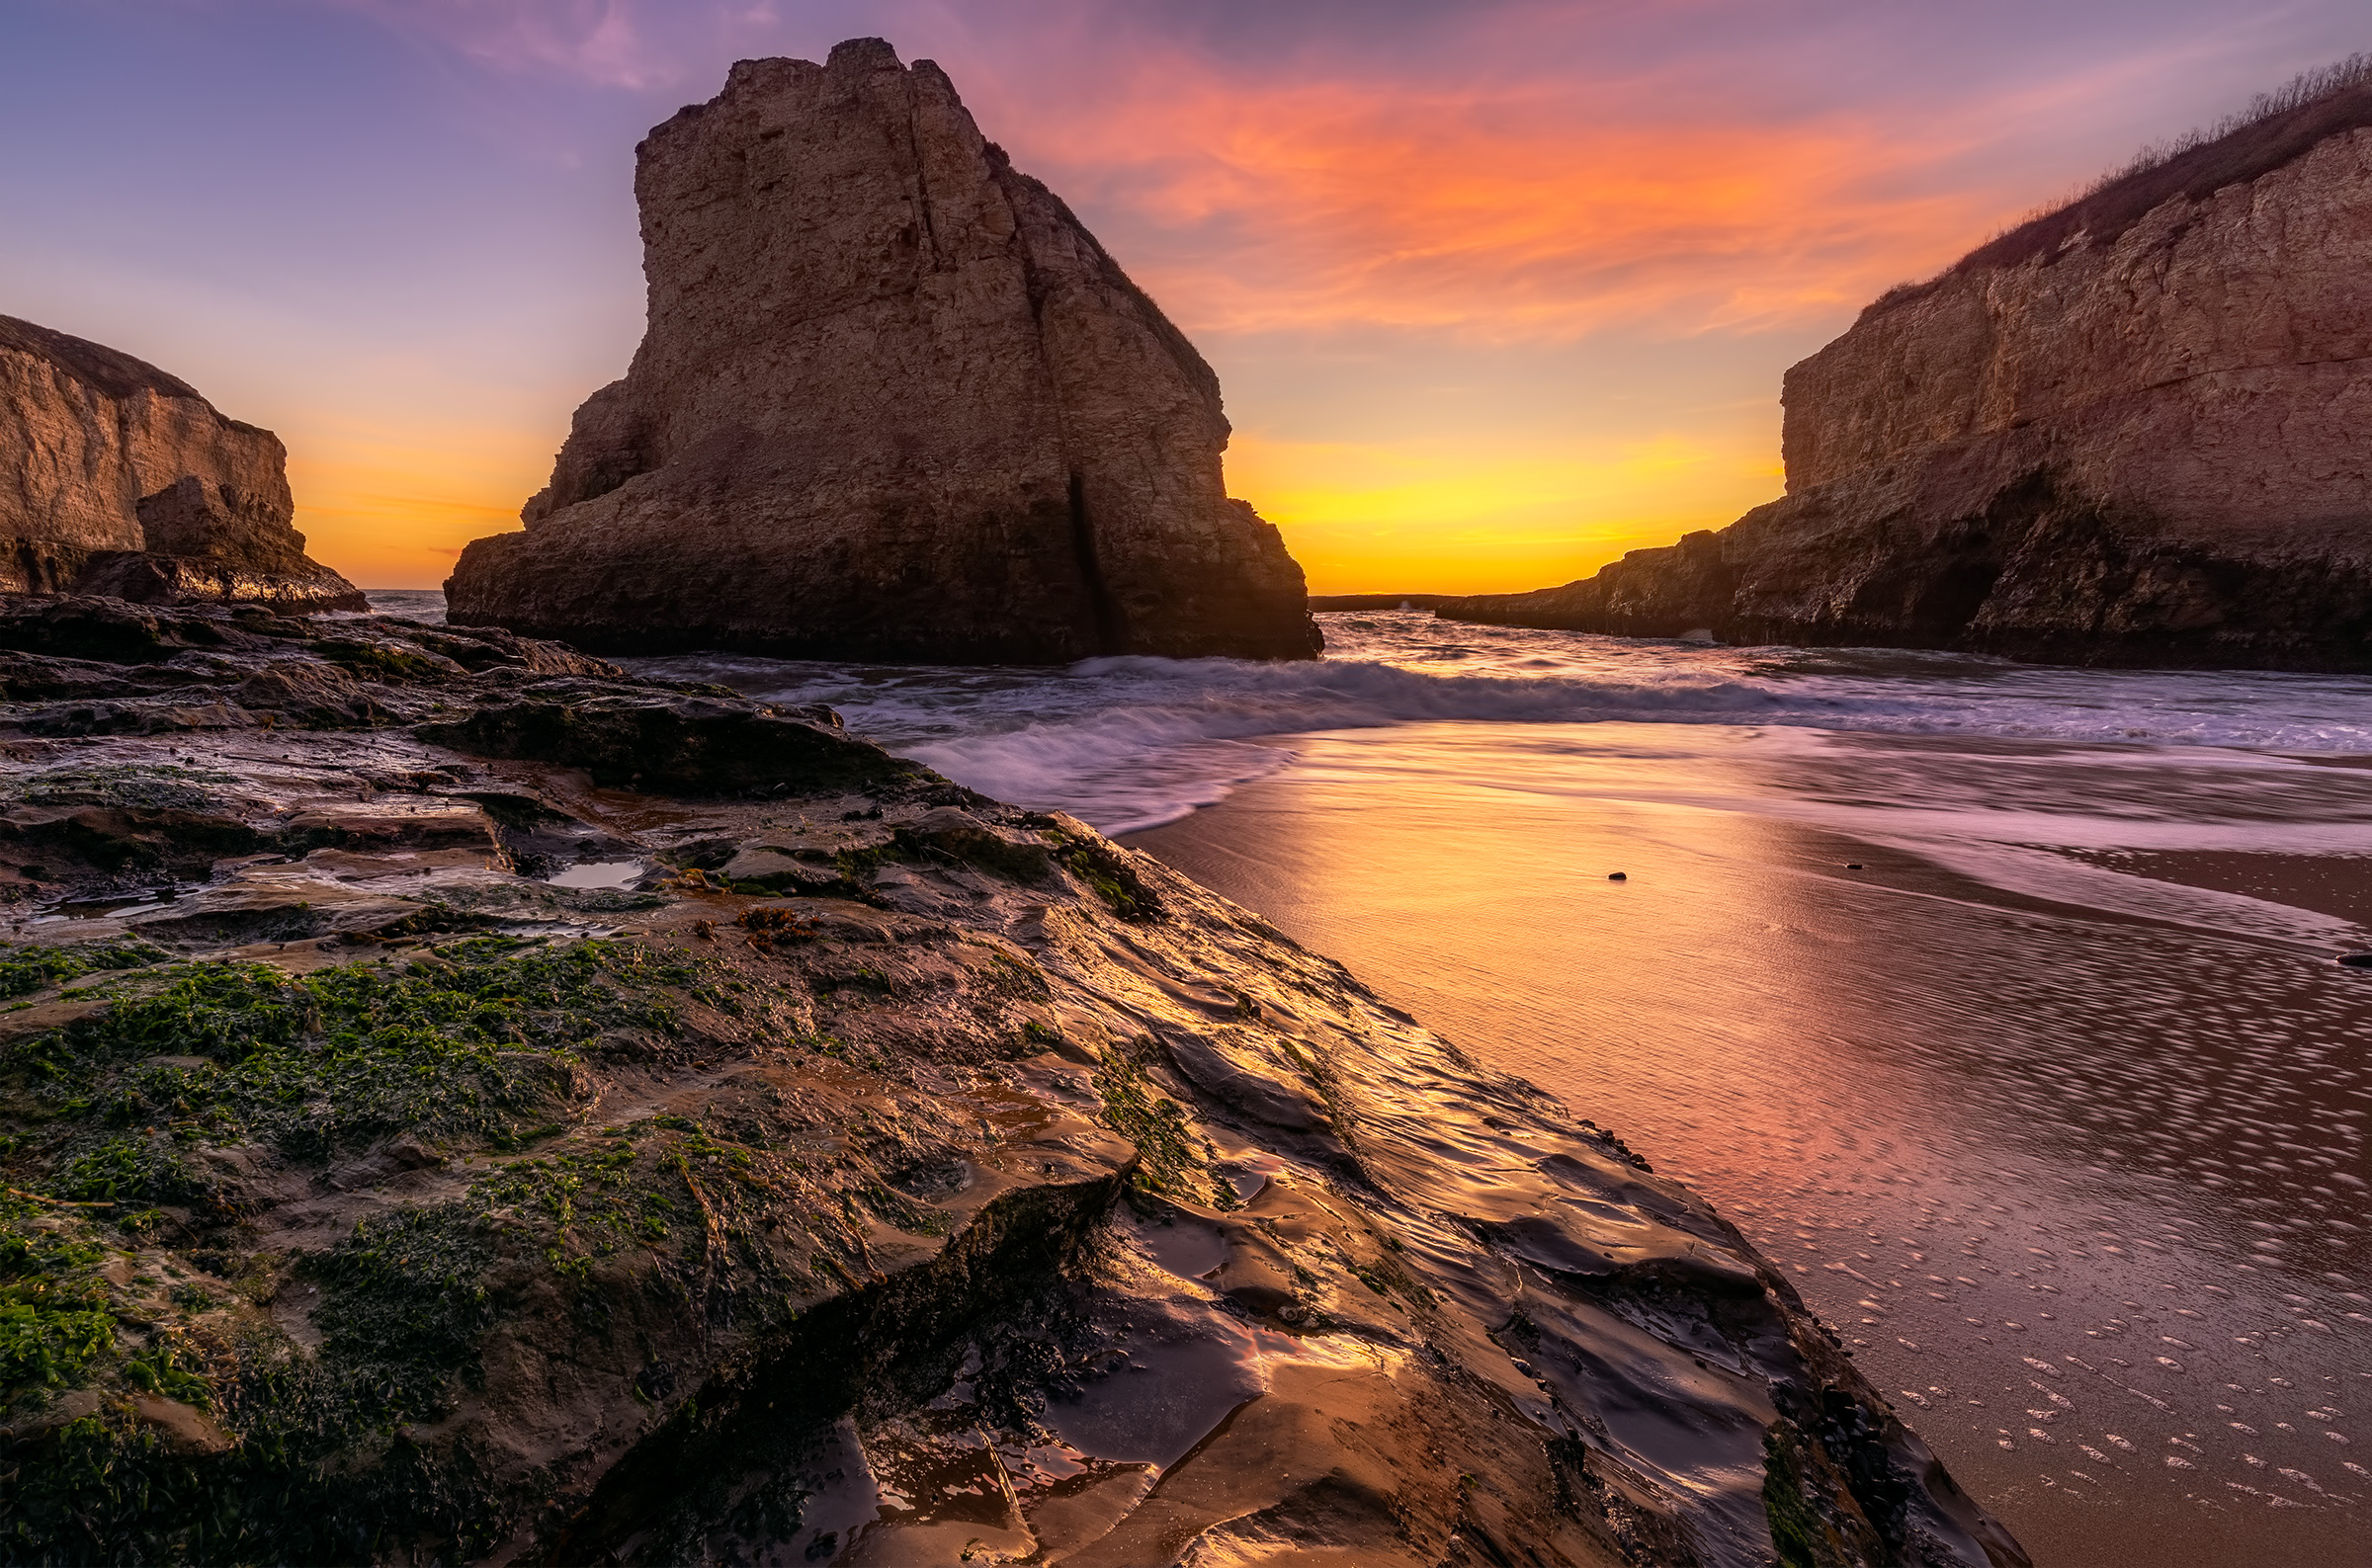 Sunset at Shark Fin Cove, near Santa Cruz.